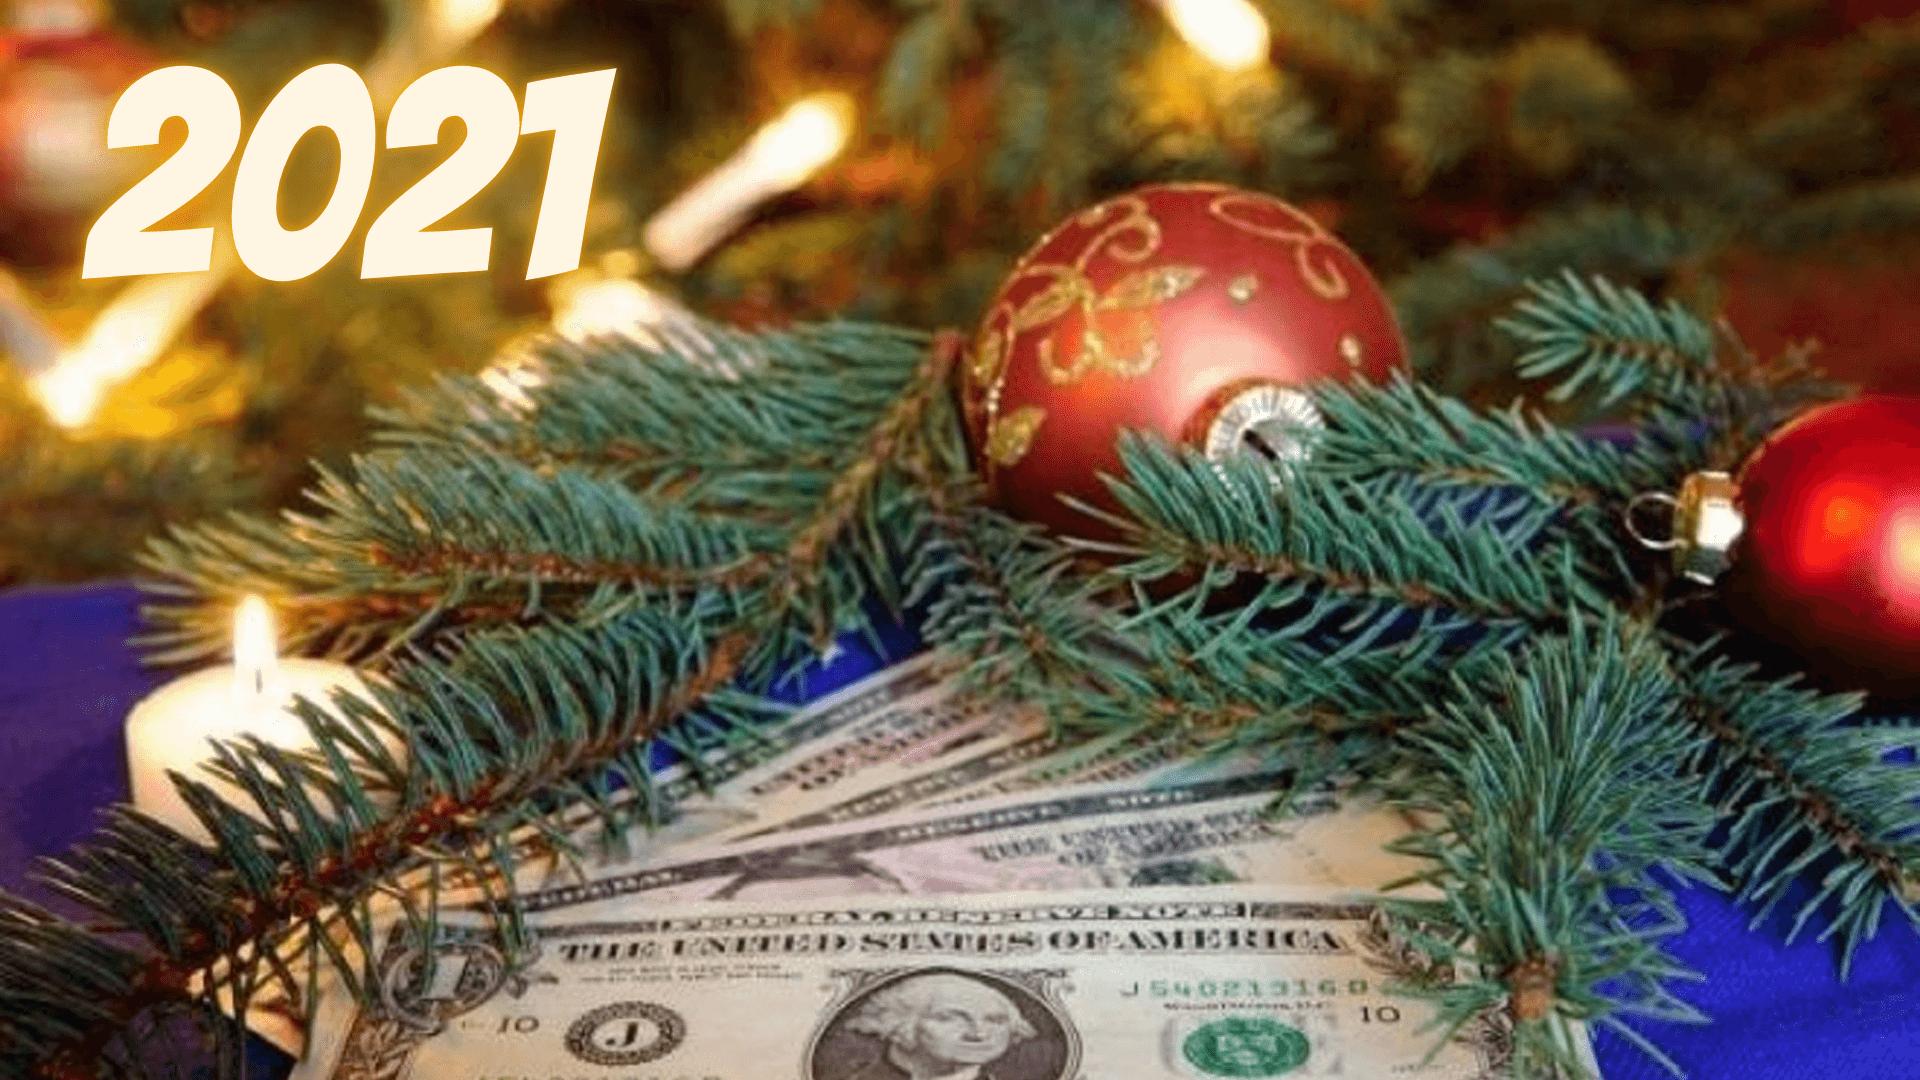 Заставки на компьютер на Новый год 2021 с быками и долларами